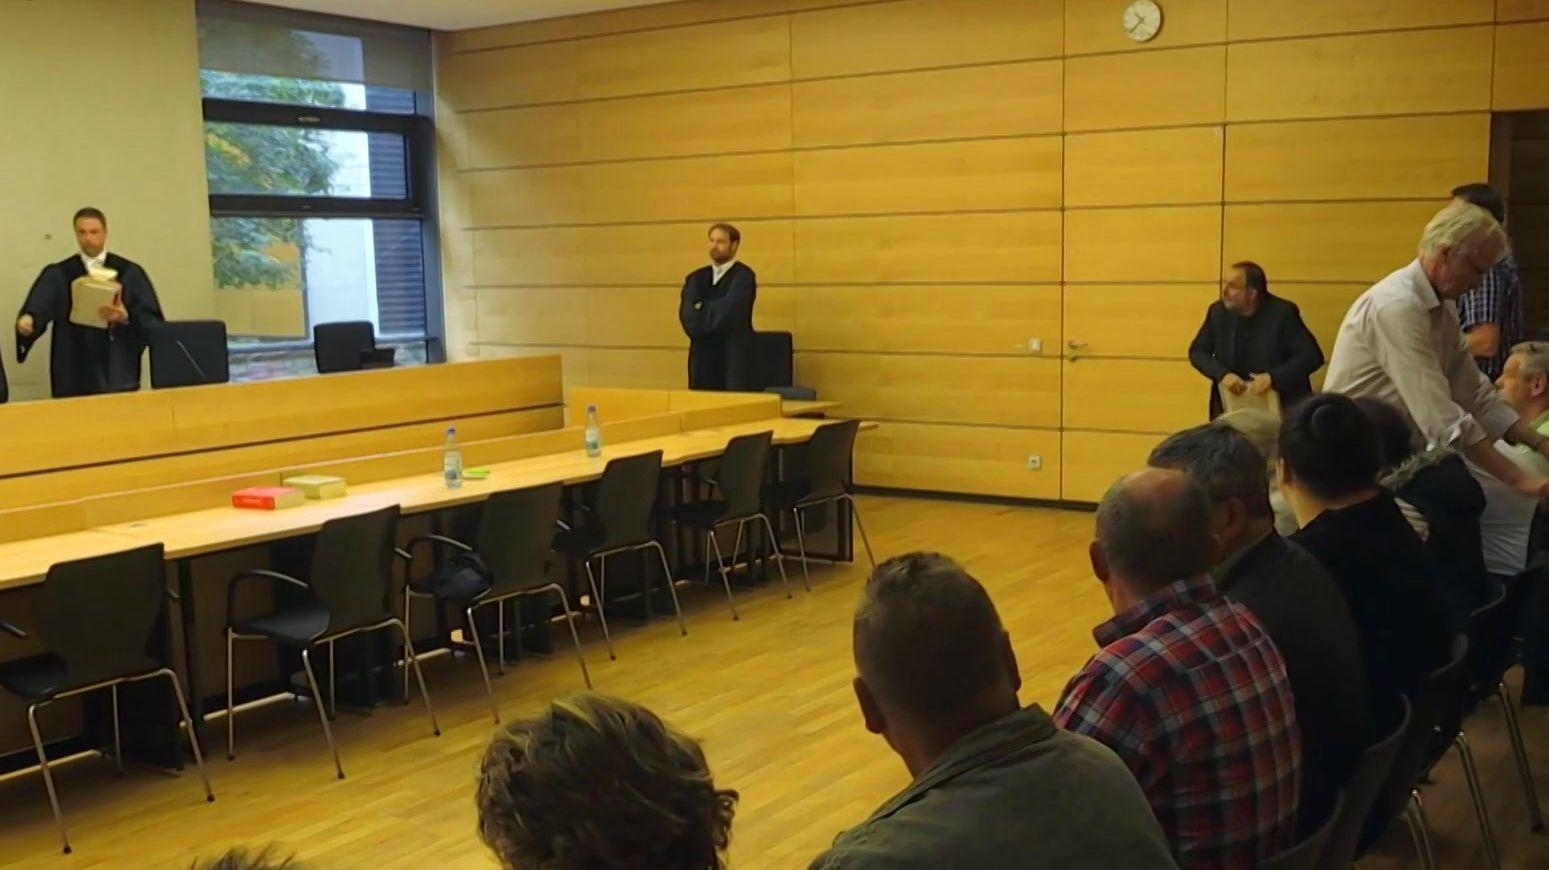 Der sogenannte Giemaul-Prozess am Amtsgericht Würzburg